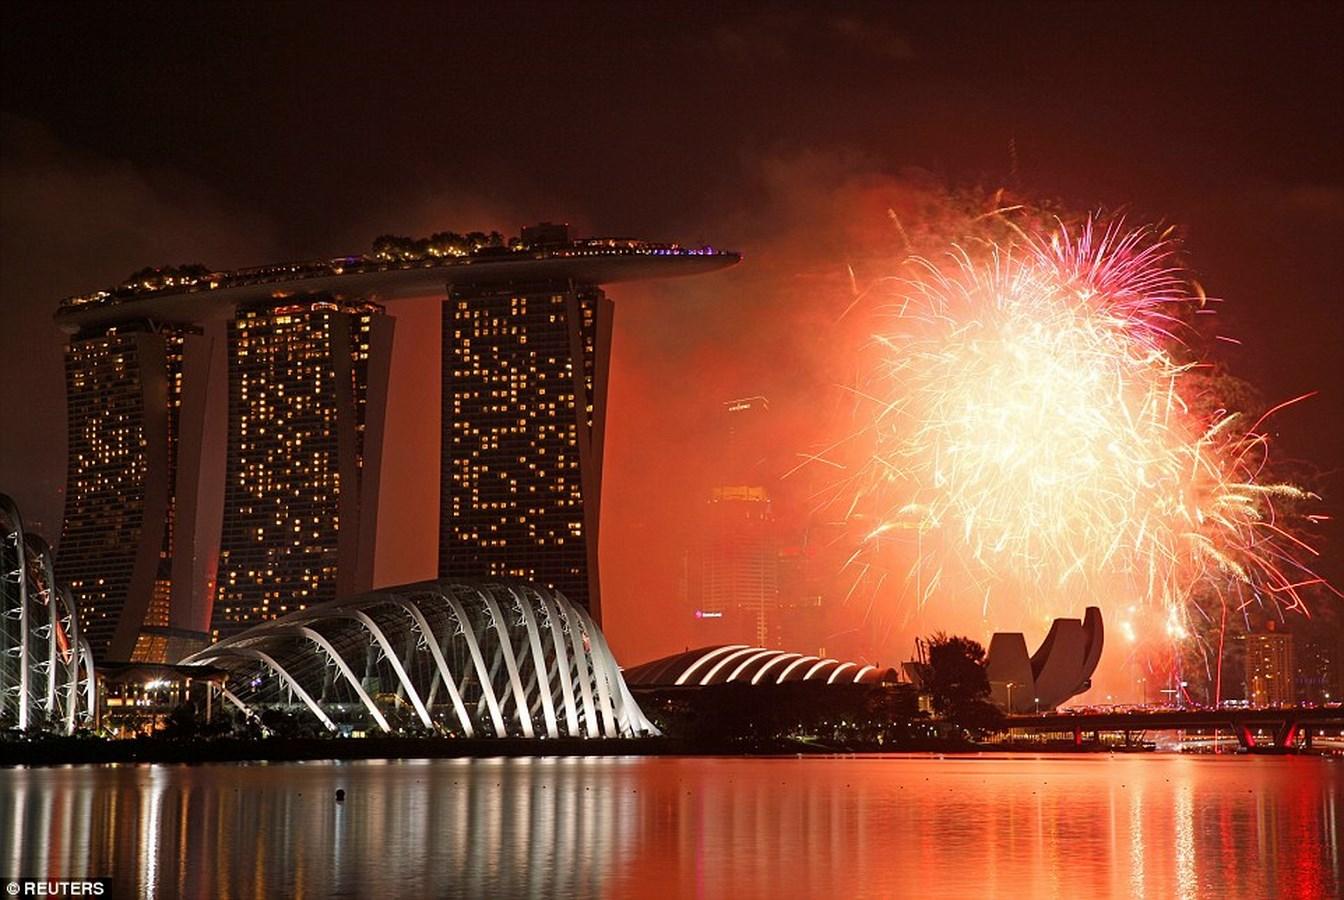 Chiêm ngưỡng pháo hoa choáng ngợp khắp thế giới - 7